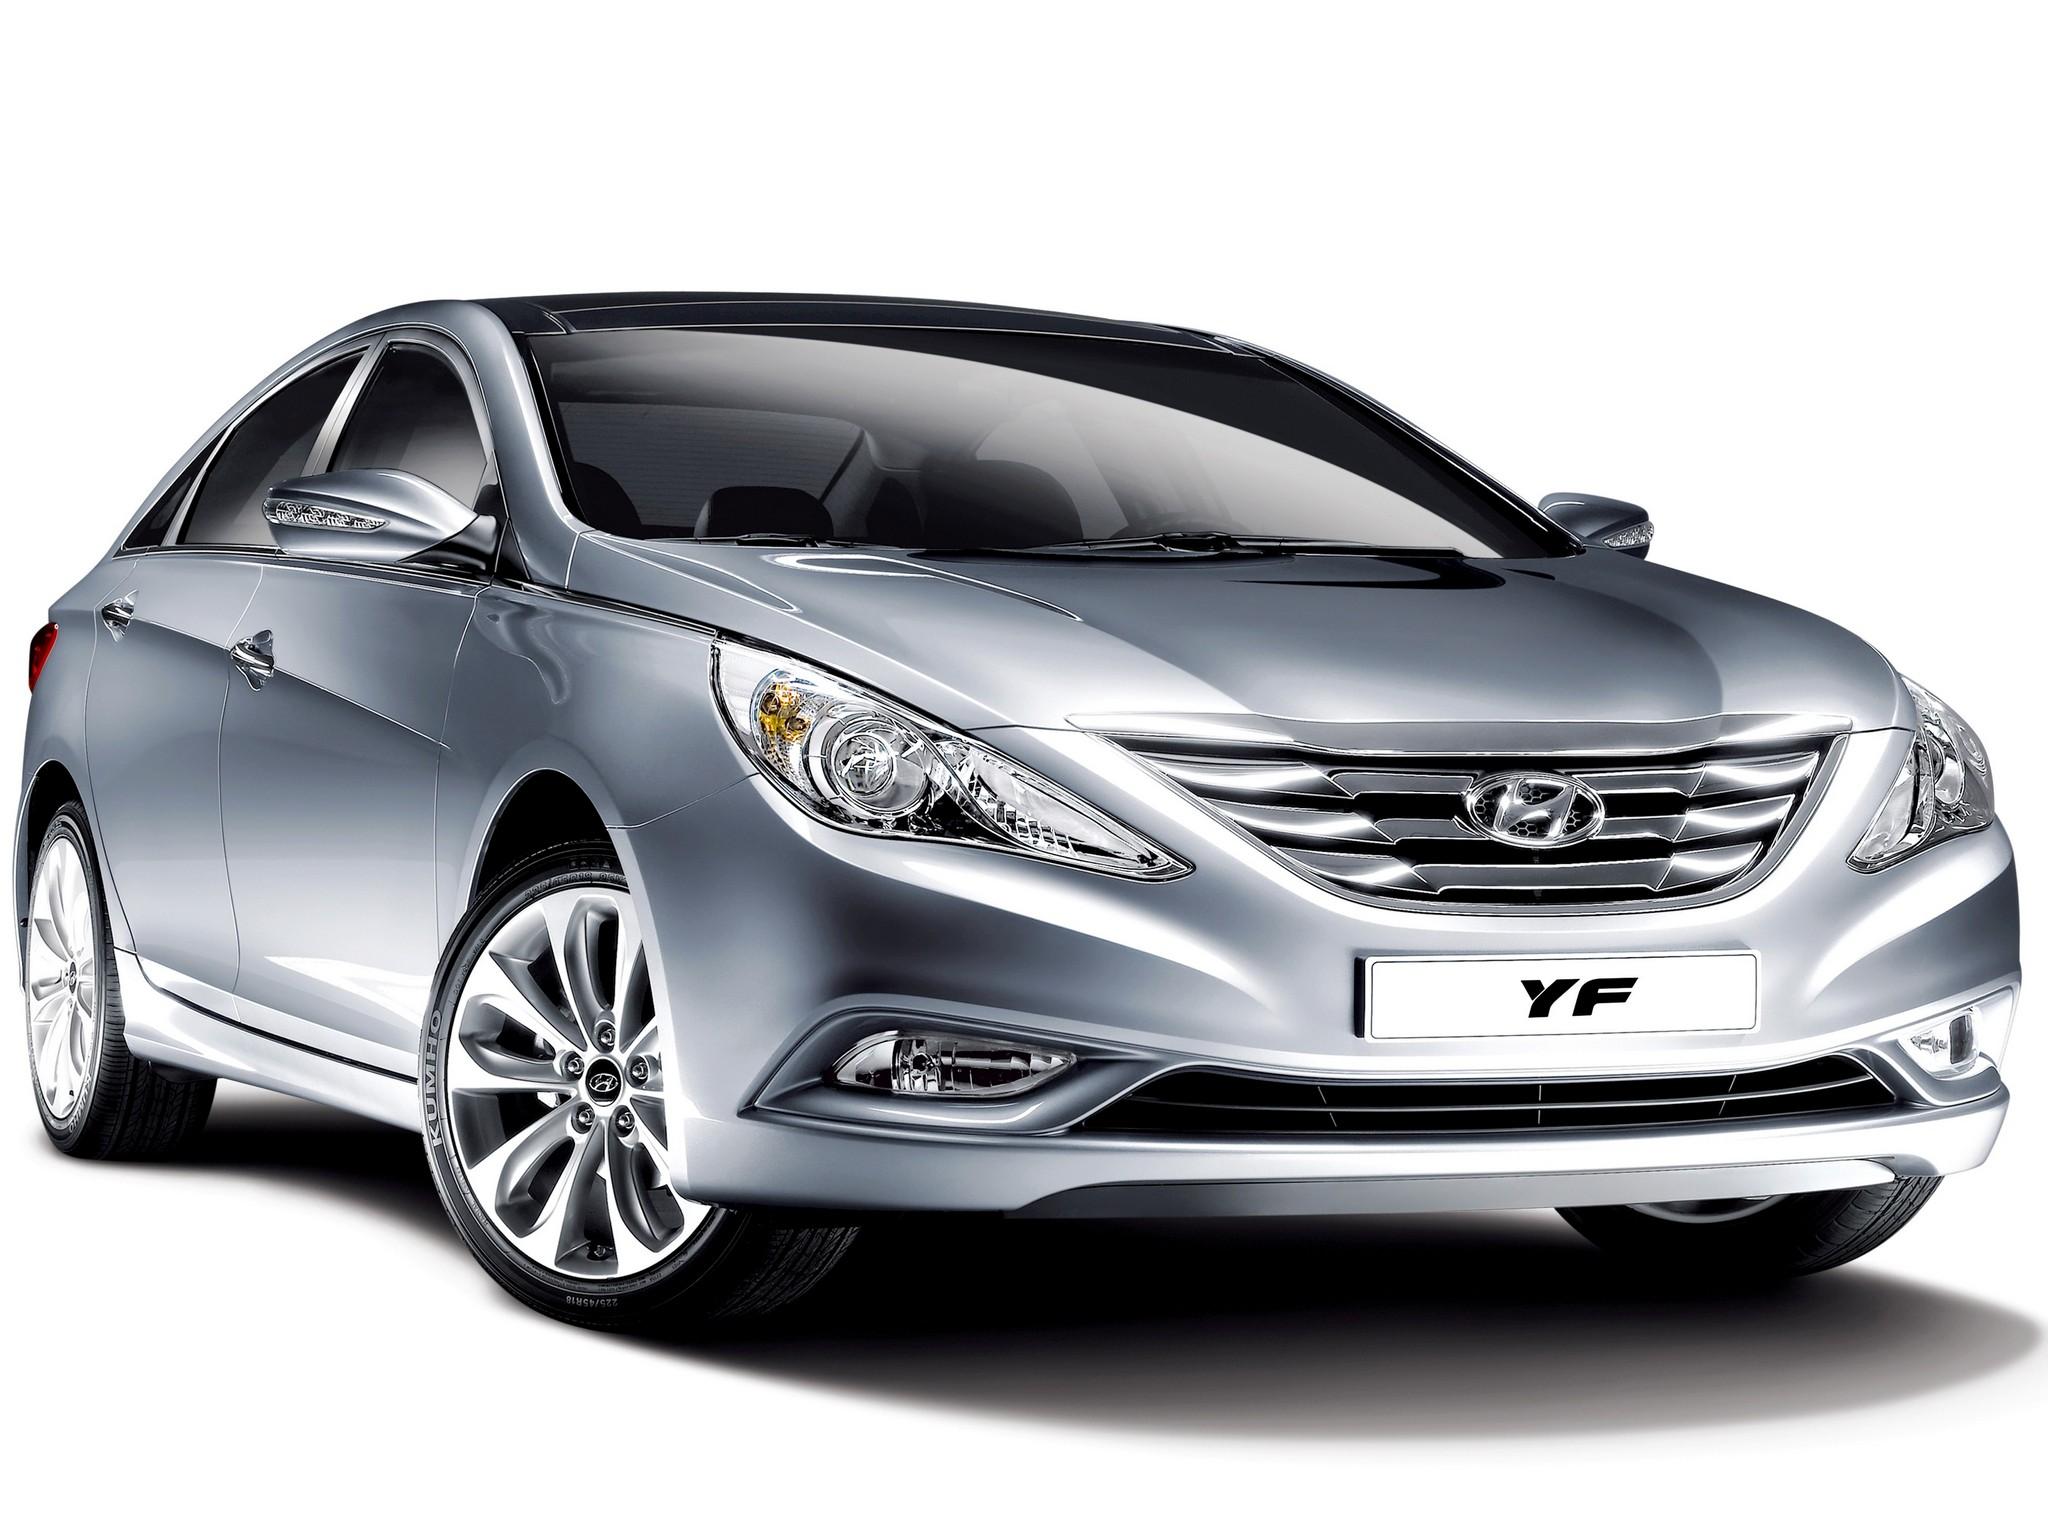 Hyundai Sonata I45 Specs 2009 2010 2011 2012 2013